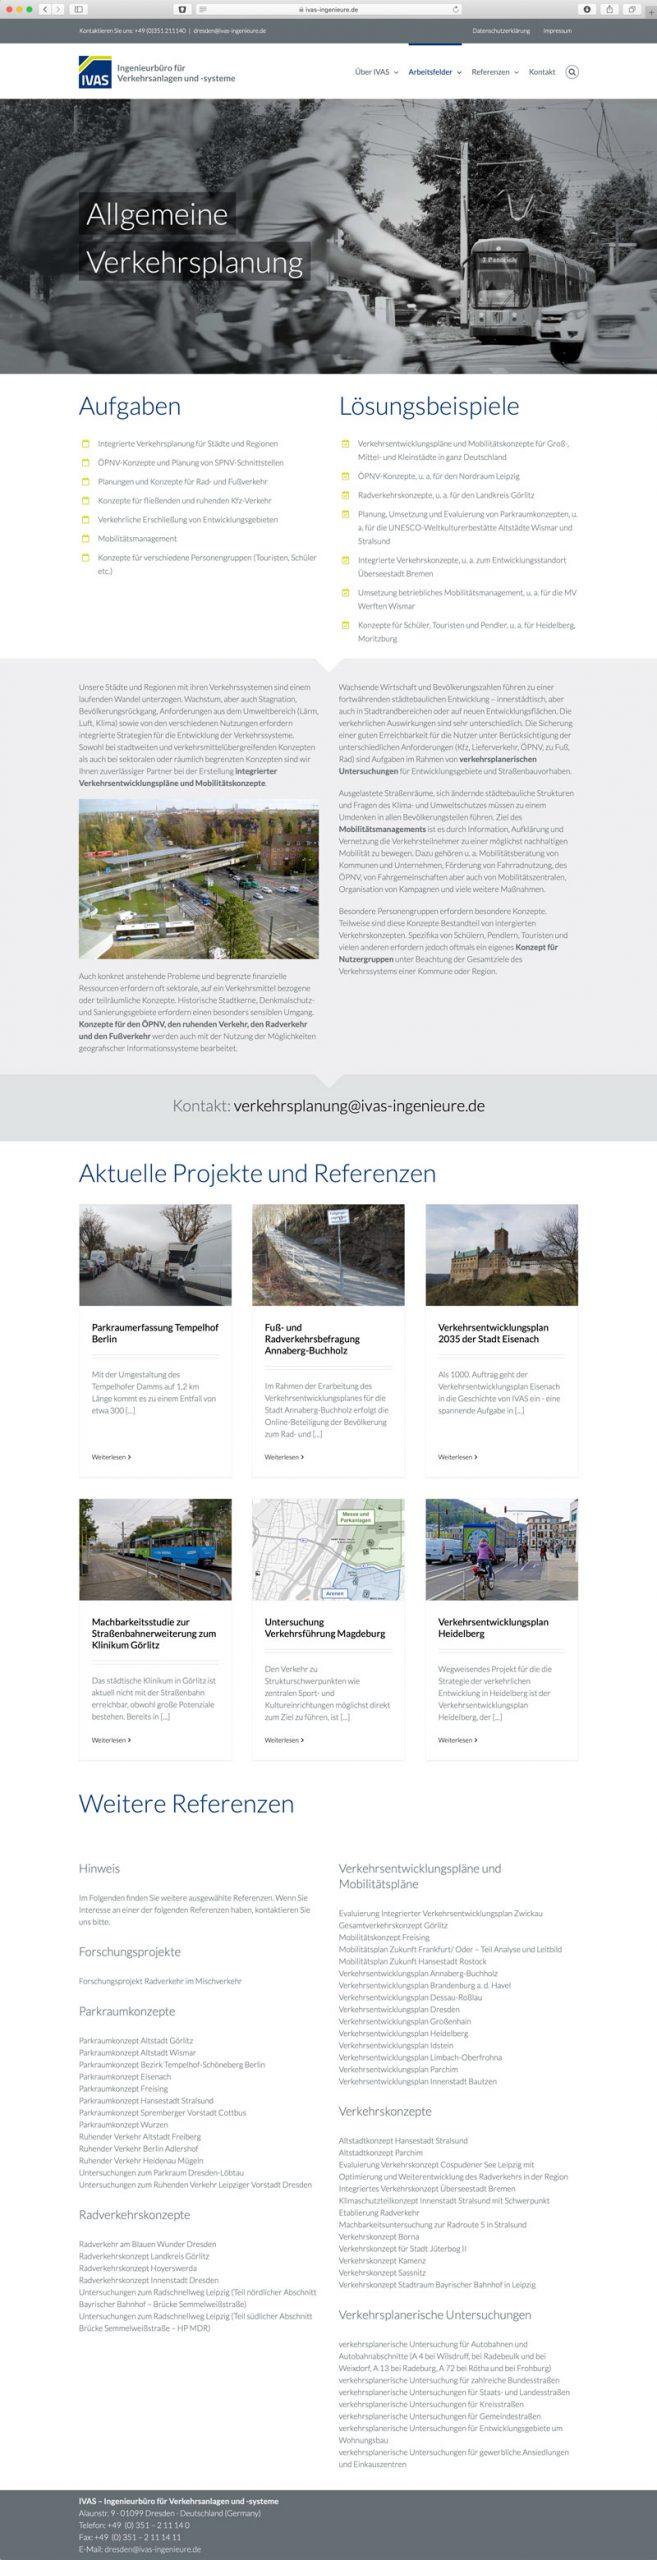 Gestaltung der neuen Webseite des Ingenieurbüros IVAS in Dresden